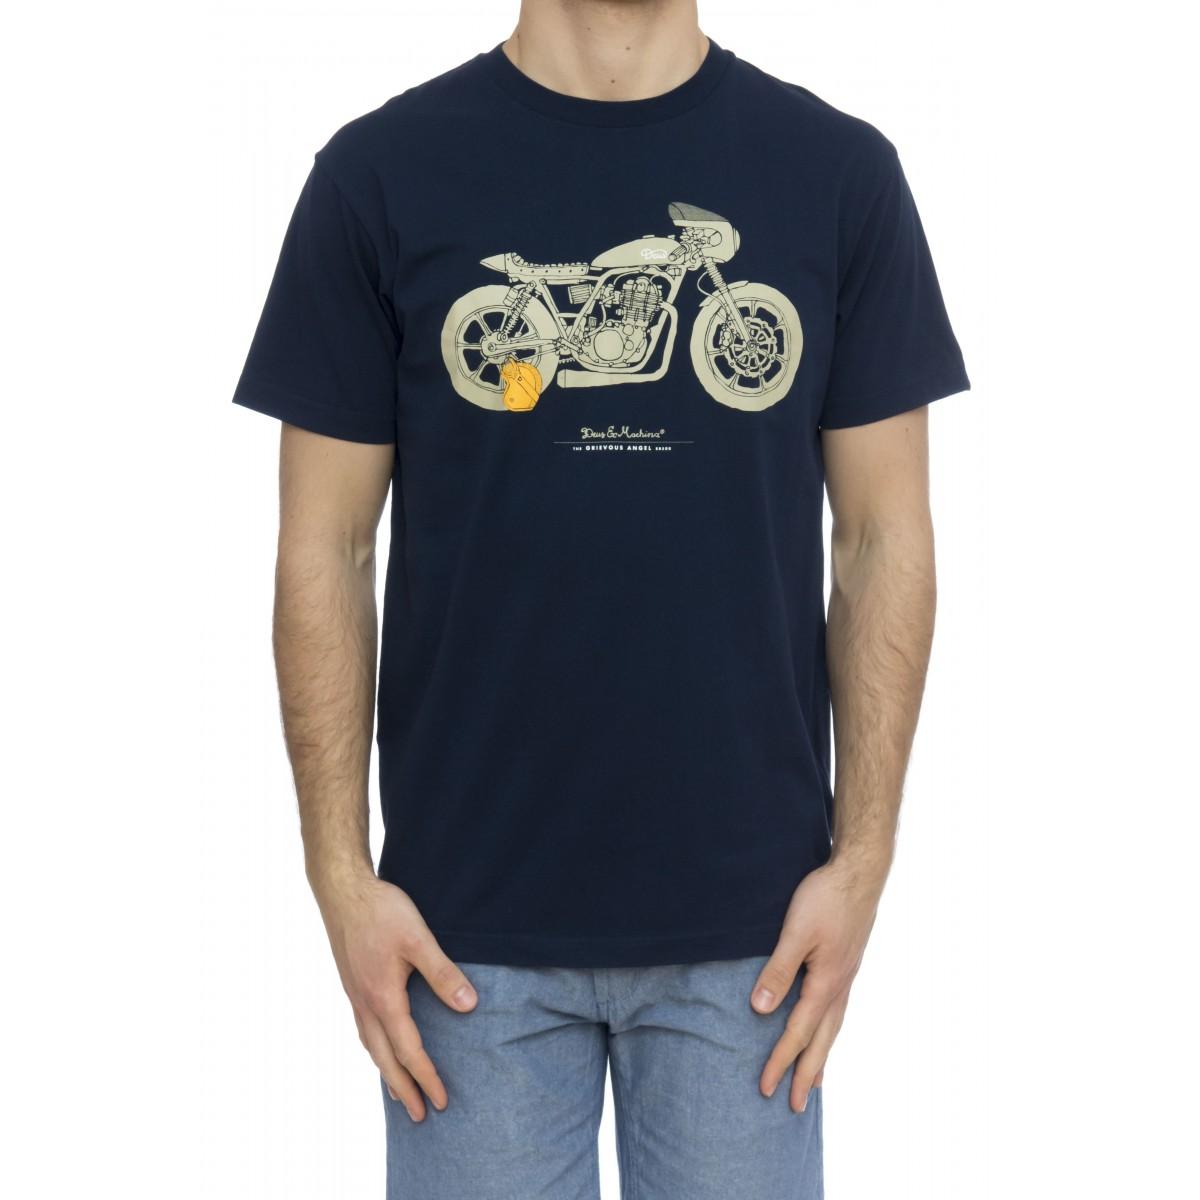 T-shirt - Tee0173 moto